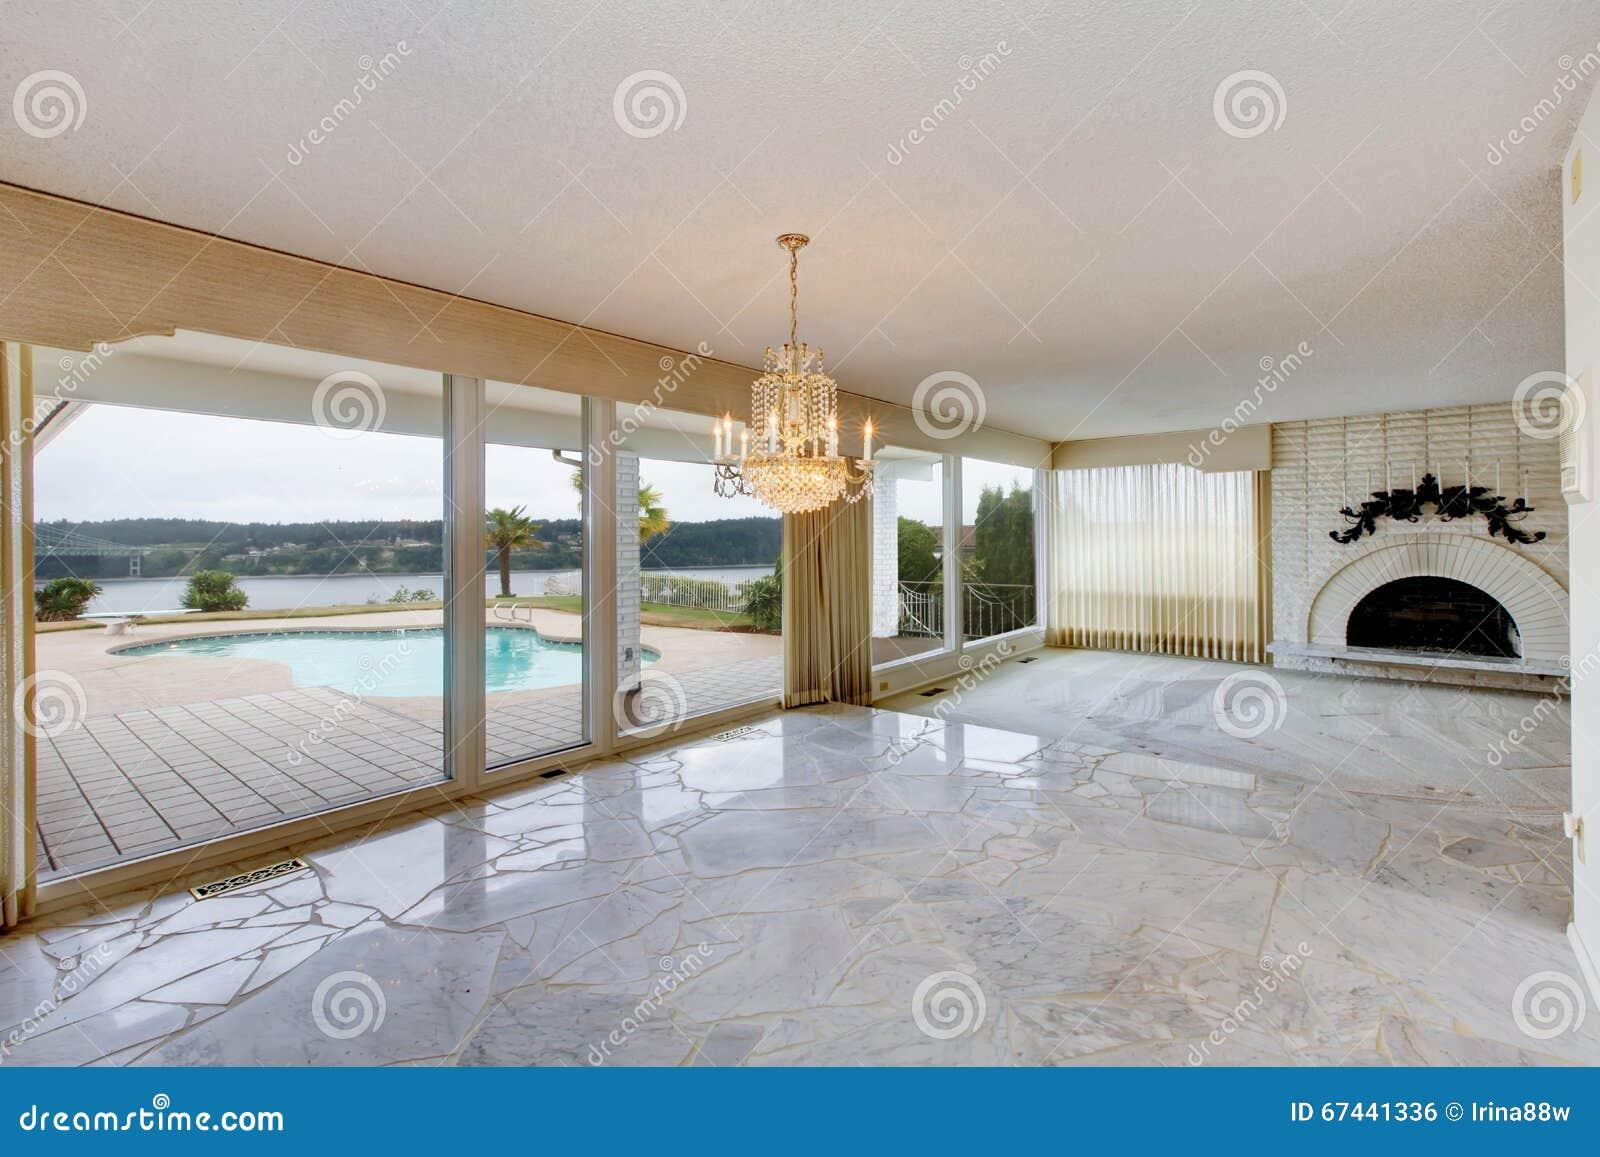 grand salon vide de luxe avec le plancher de marbre blanc grands wi photo stock image 67441336. Black Bedroom Furniture Sets. Home Design Ideas